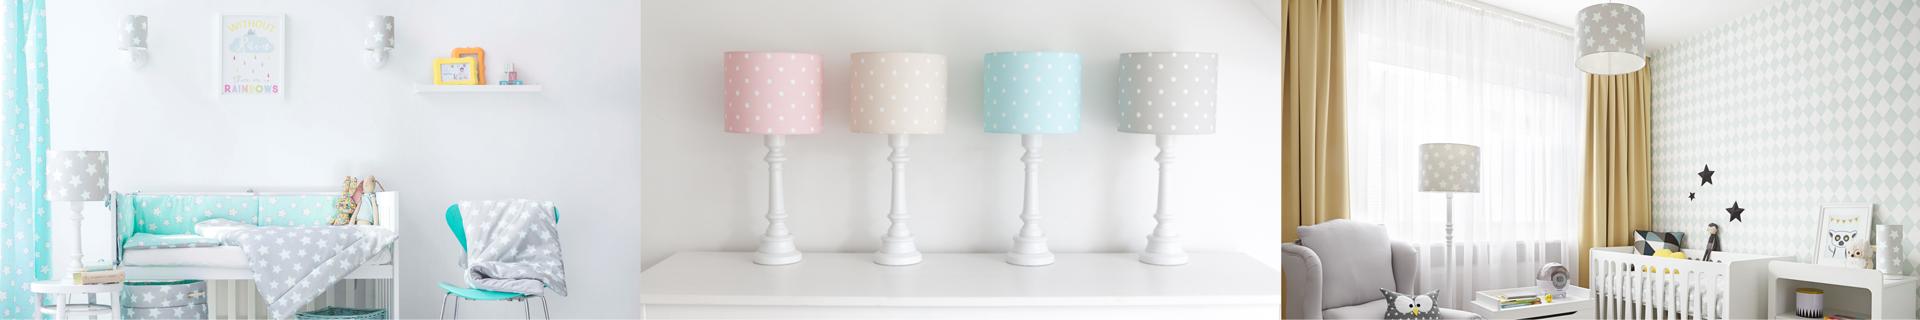 Lampka nocna dla dzieci, lampki - My Sweet Room - Meble dziecięce